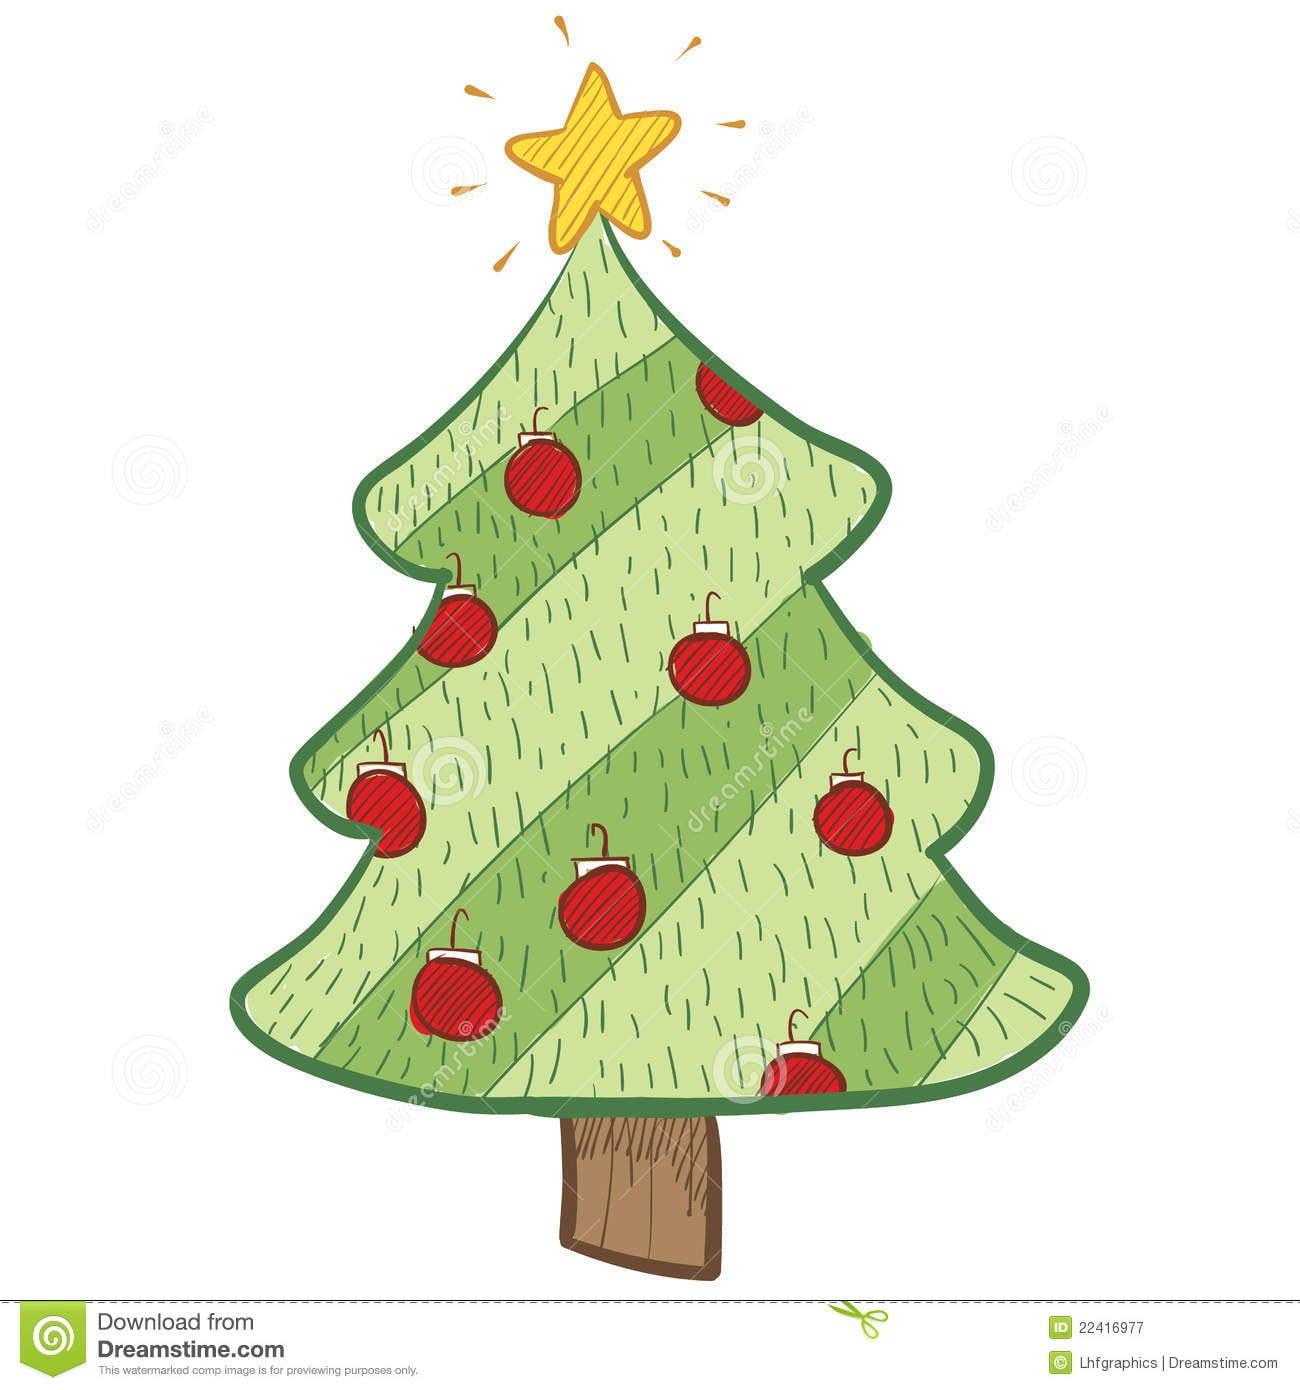 Desenho Colorido Da árvore De Natal Ilustração Do Vetor